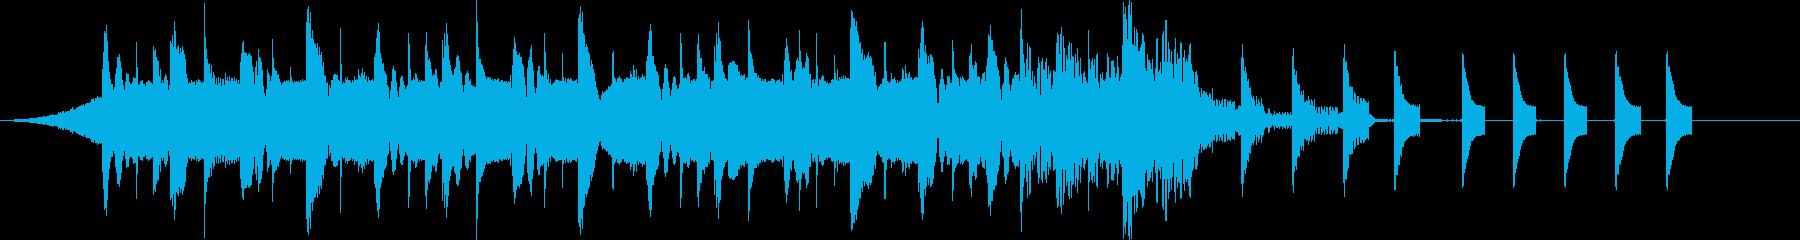 電気計器シンセベースループは、ロボ...の再生済みの波形